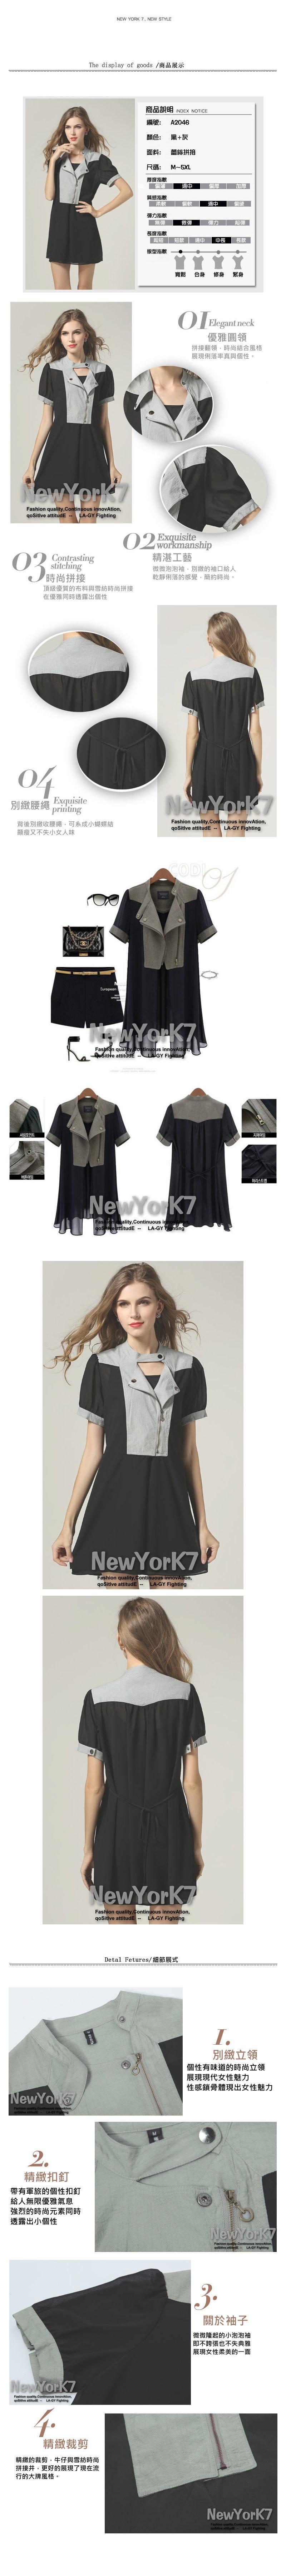 http://shop.r10s.com/f9a50bb0-ec8b-11e4-ad3d-005056b72eb0/upload/A2/A2046-1-1.jpg